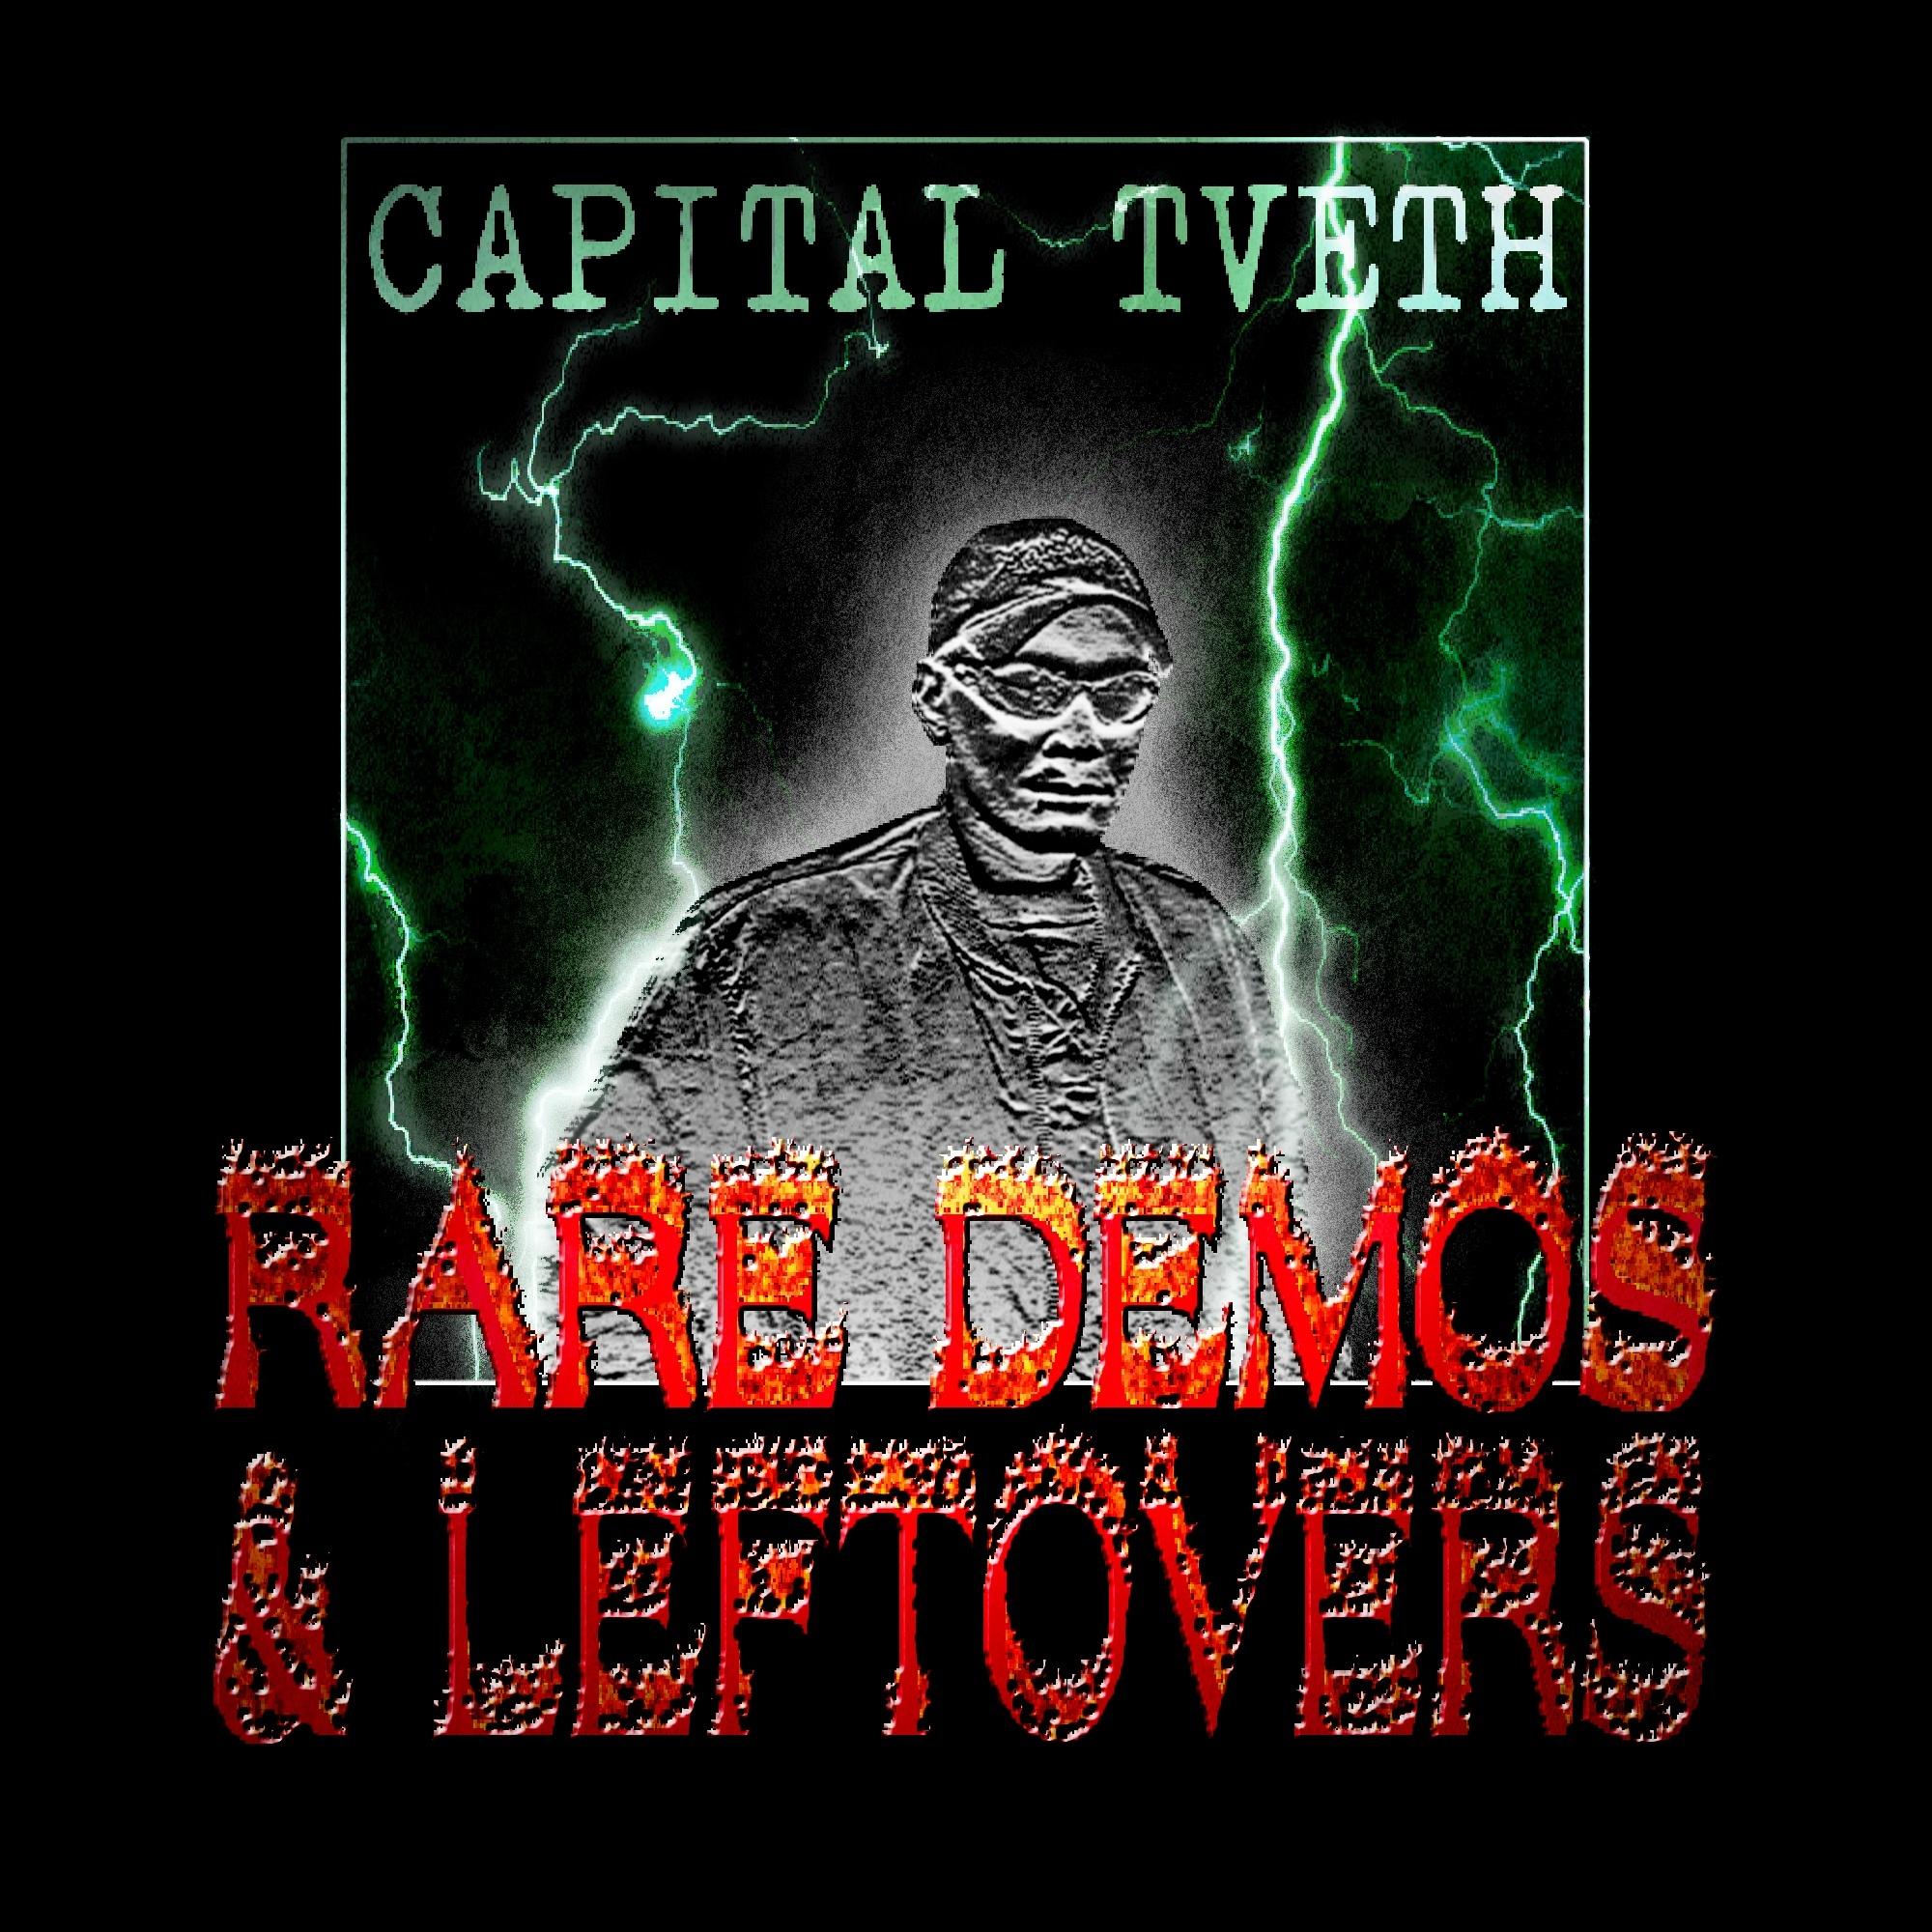 Tveth – Rare Demos & Leftovers, Vol. 1